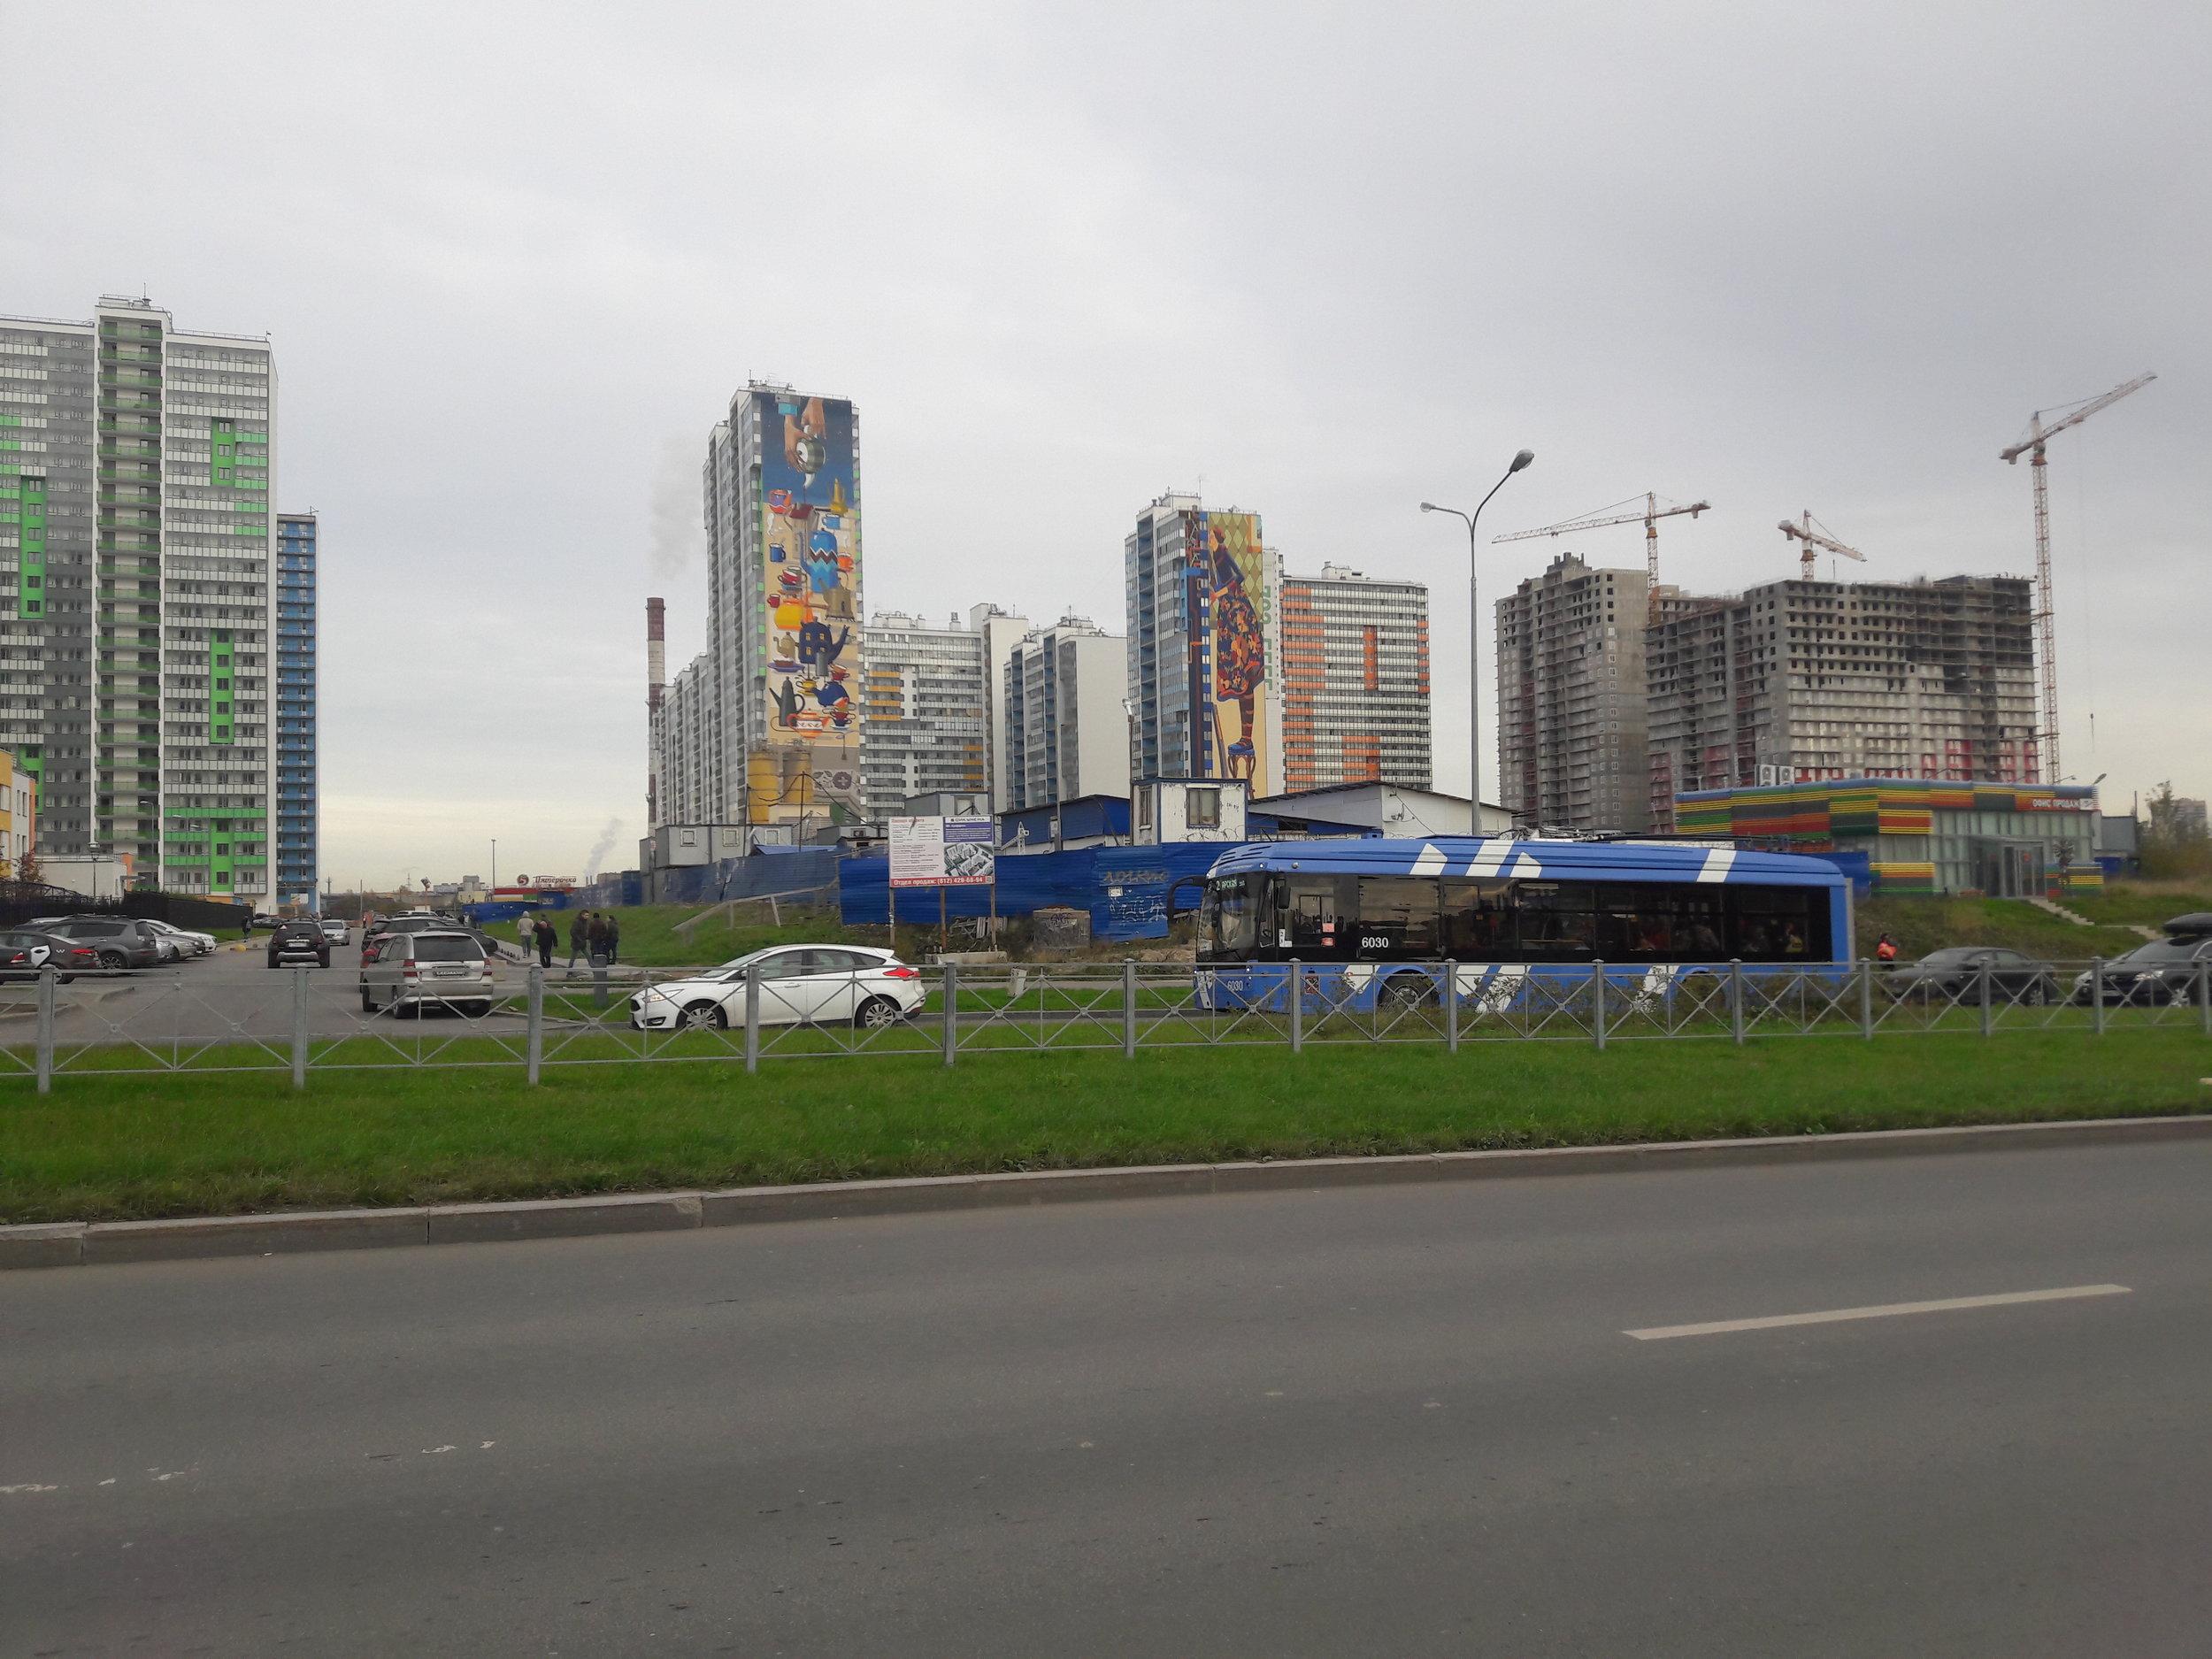 Parašutnaja ulice v Primorskom rajoně je předmětem masivní výstavby. K vidění jsou především tradiční panelové stavby, které umožňují rychle vystavět i více než 15patrové domy. Oblast tedy dává vzpomenout na socialistická léta. K vidění zde moc není, zeleň se na úkor všude stojících aut a širokých asfaltových chodníků postupně ve směru na sever zmenšuje. Do této momentálně nehostinné čtvrti začaly jezdit parciální trolejbusy linky 2, a to v intervalu zhruba každých 5 až 10 minut.